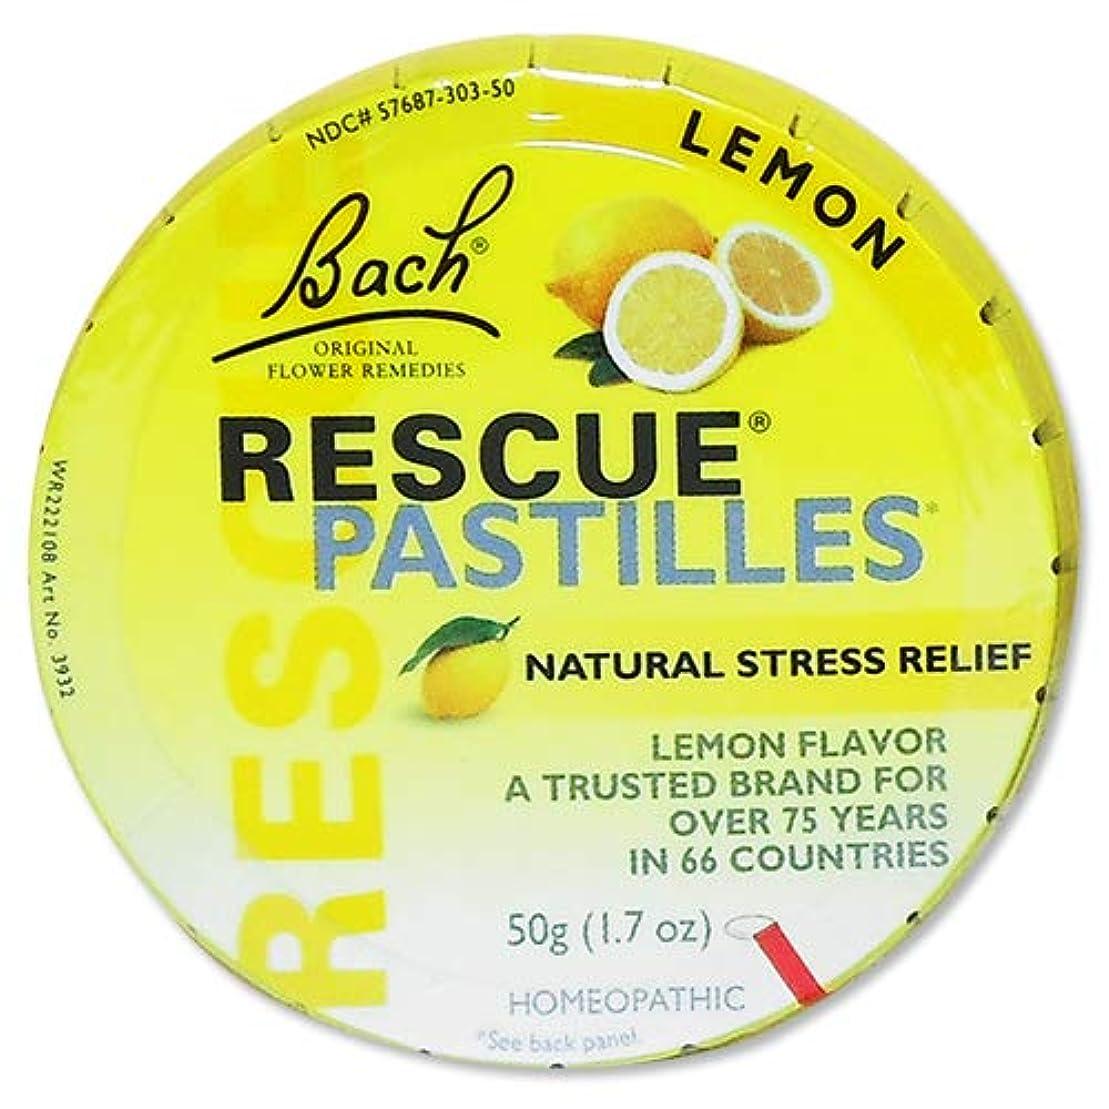 きしむこしょうペレット3個セット バッチフラワー レスキューレメディーパステル(レモン) 50g[海外直送品]